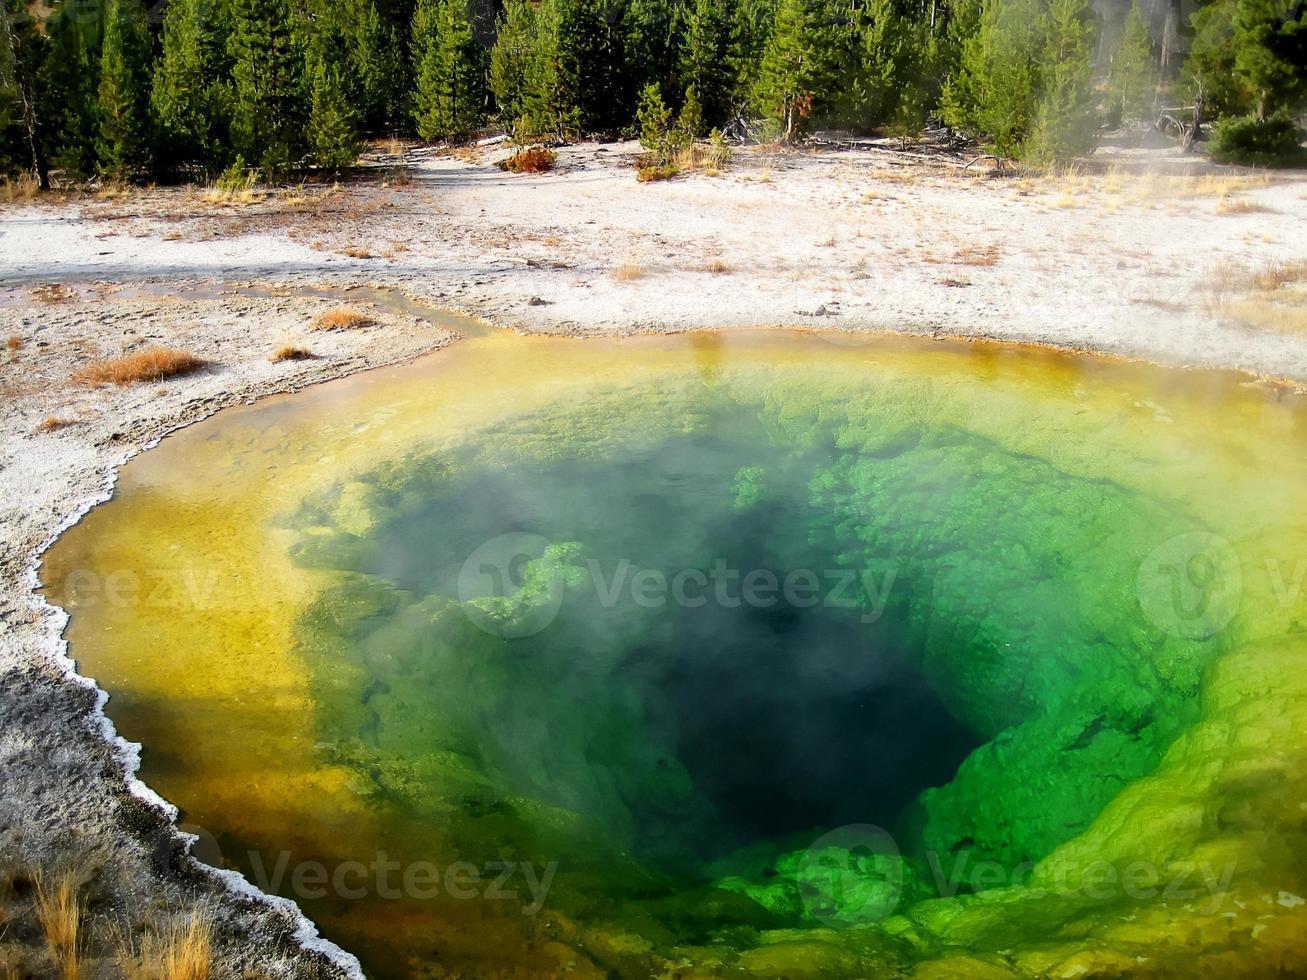 piscina de glória da manhã (yellowstone, estados unidos da américa) foto